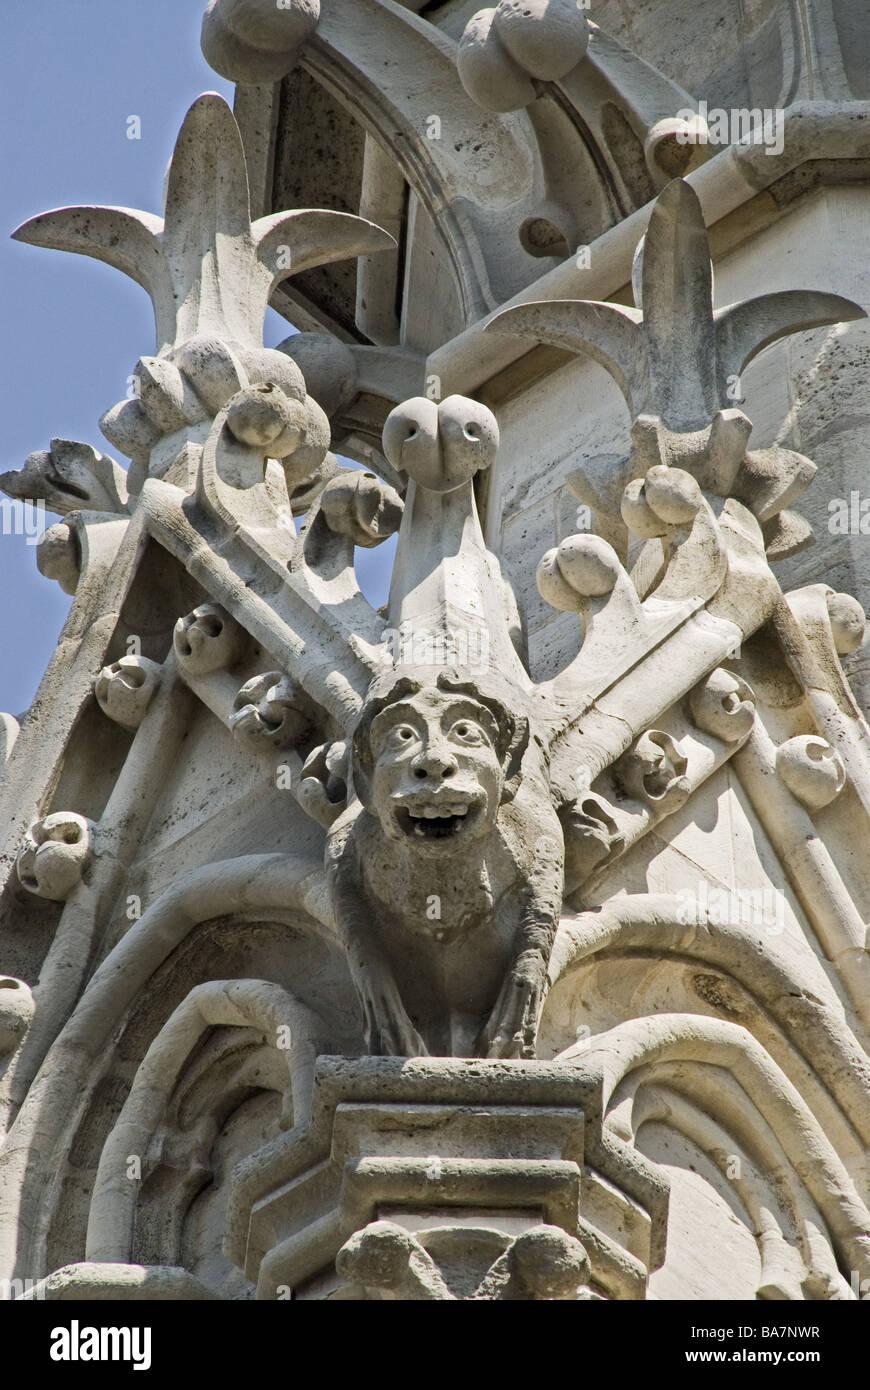 France Paris Notre Lady Gargoyles Detail Capital Cathedral Gothic Architecture Sculpture Sculptor Art Stone Figure